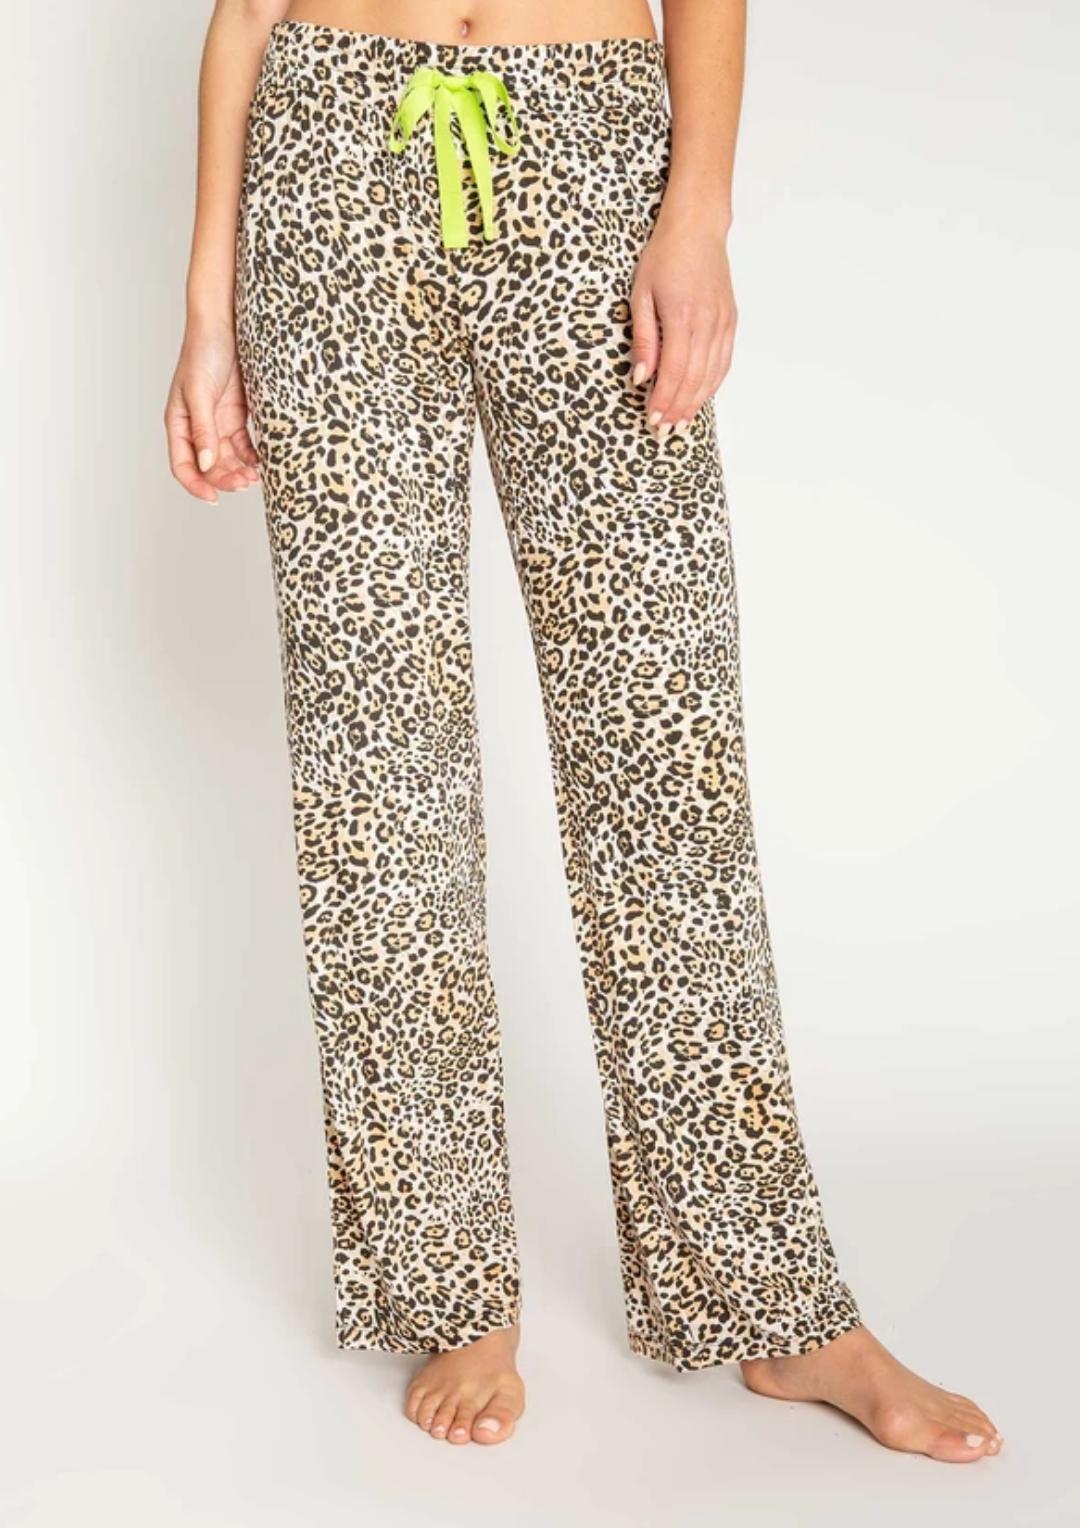 PJ Salvage Neon Leopard Pant - FINAL SALE